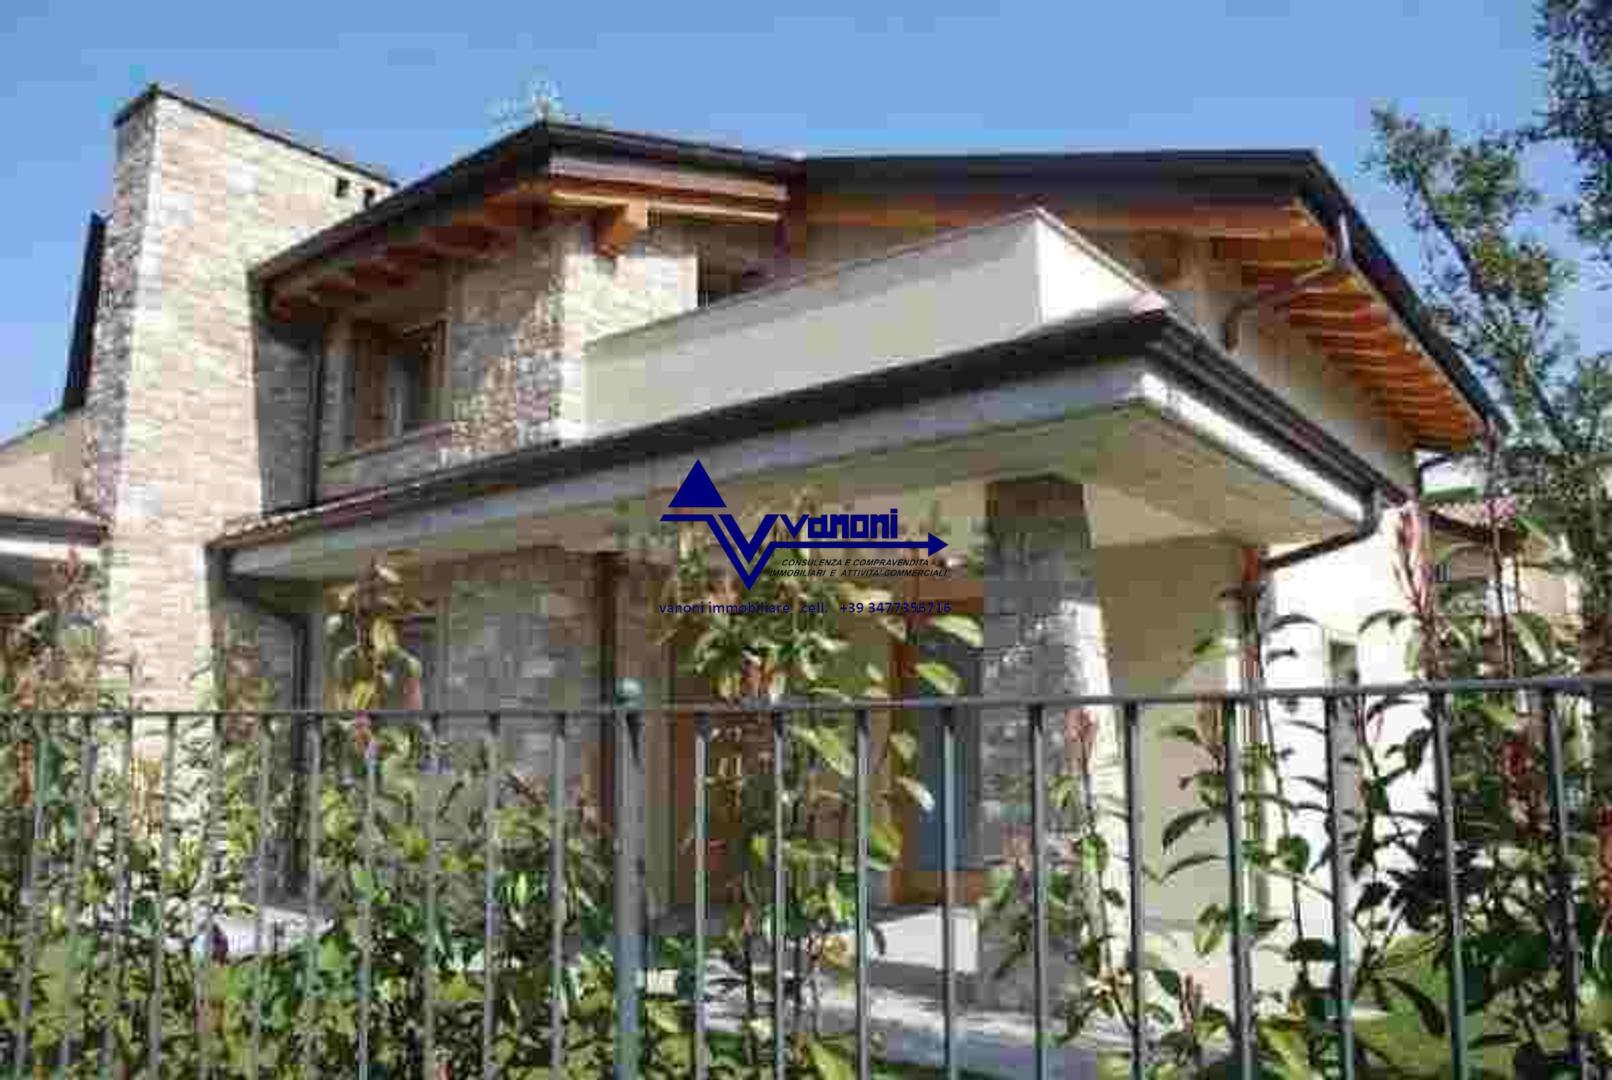 Seriate seriate alle porte di bergamo con vista su citt alta porzione di villa bifamiliare - Aste immobili biella ...